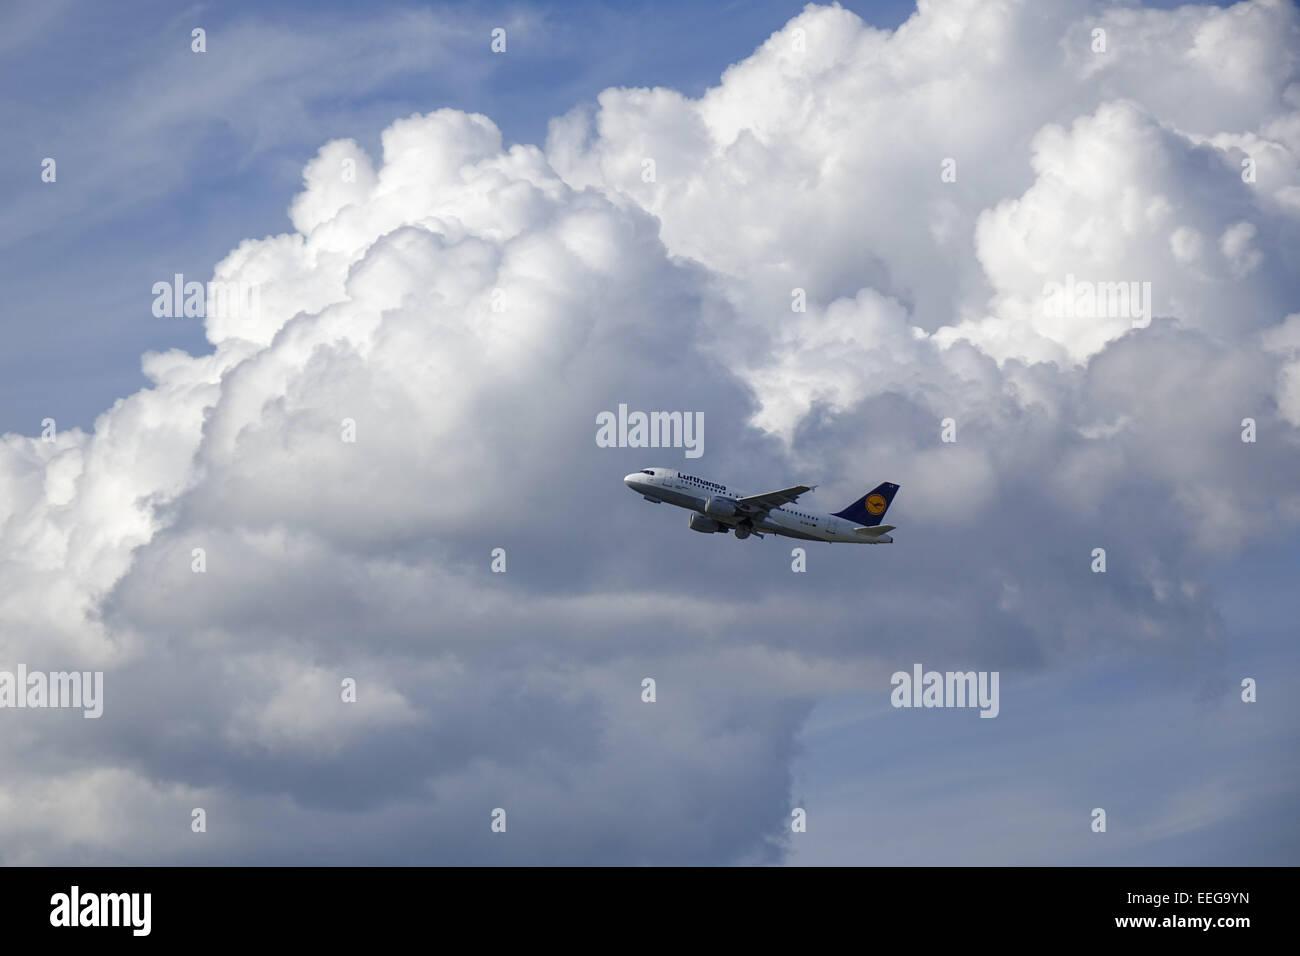 Passagierflugzeug der Lufthansa nach dem Abheben vom Flughafen in München, Bayern, Deutschland, Europa, Lufthansa - Stock Image